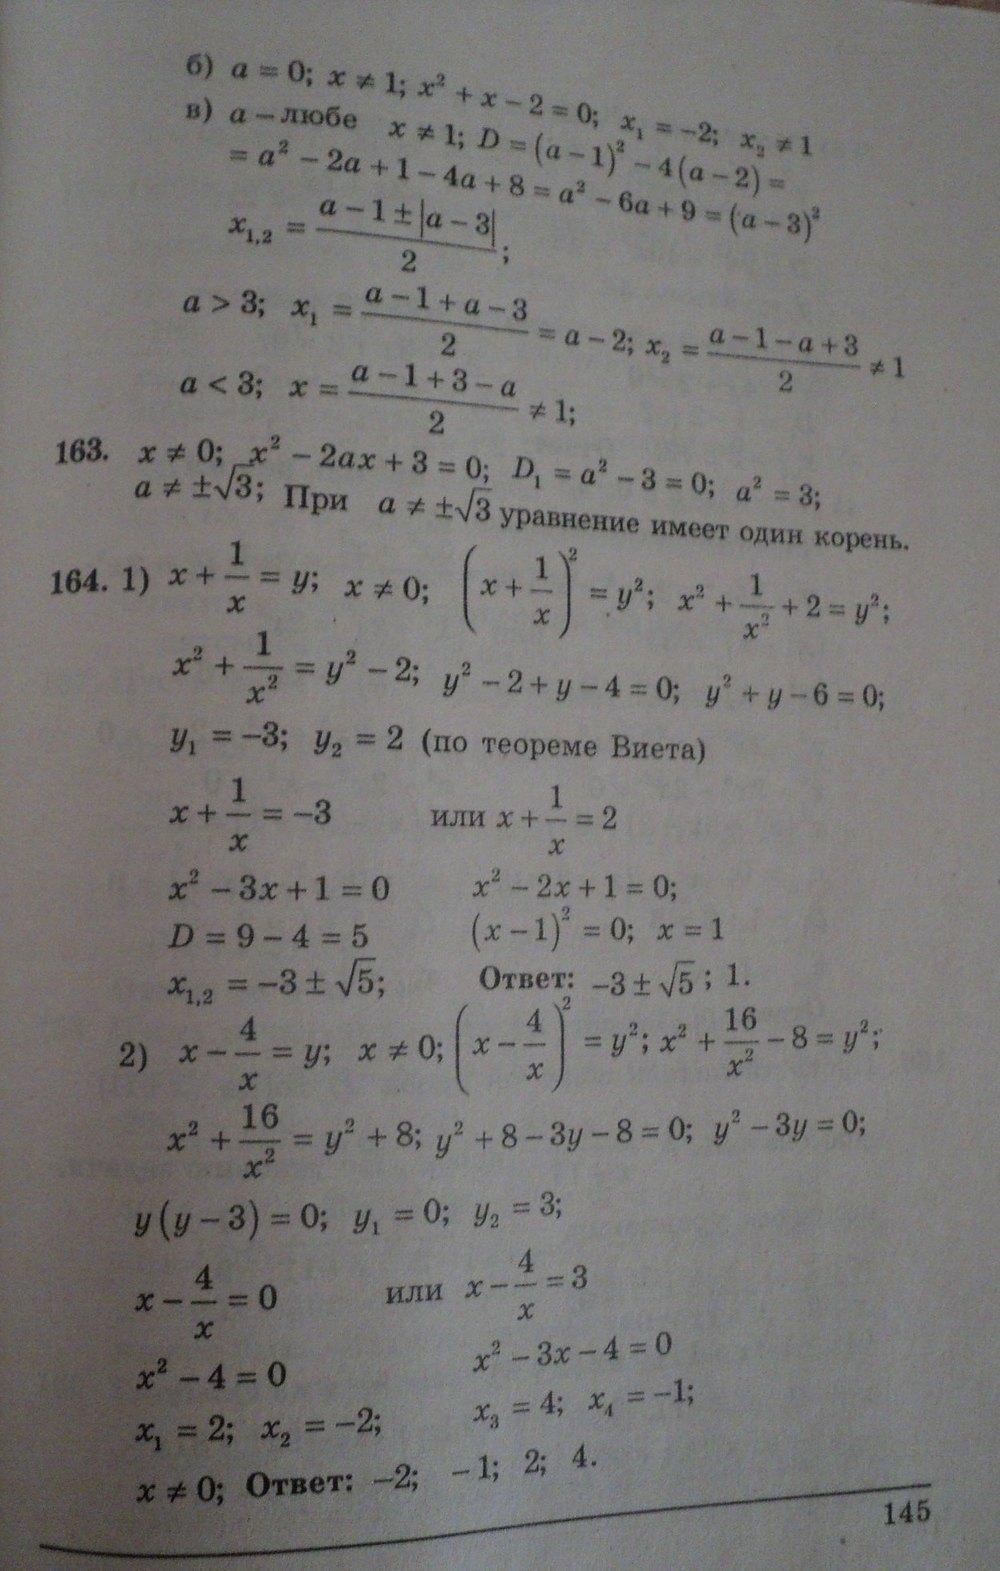 ГДЗ по алгебре 8 класс Щербань П.. Задание: стр. 145